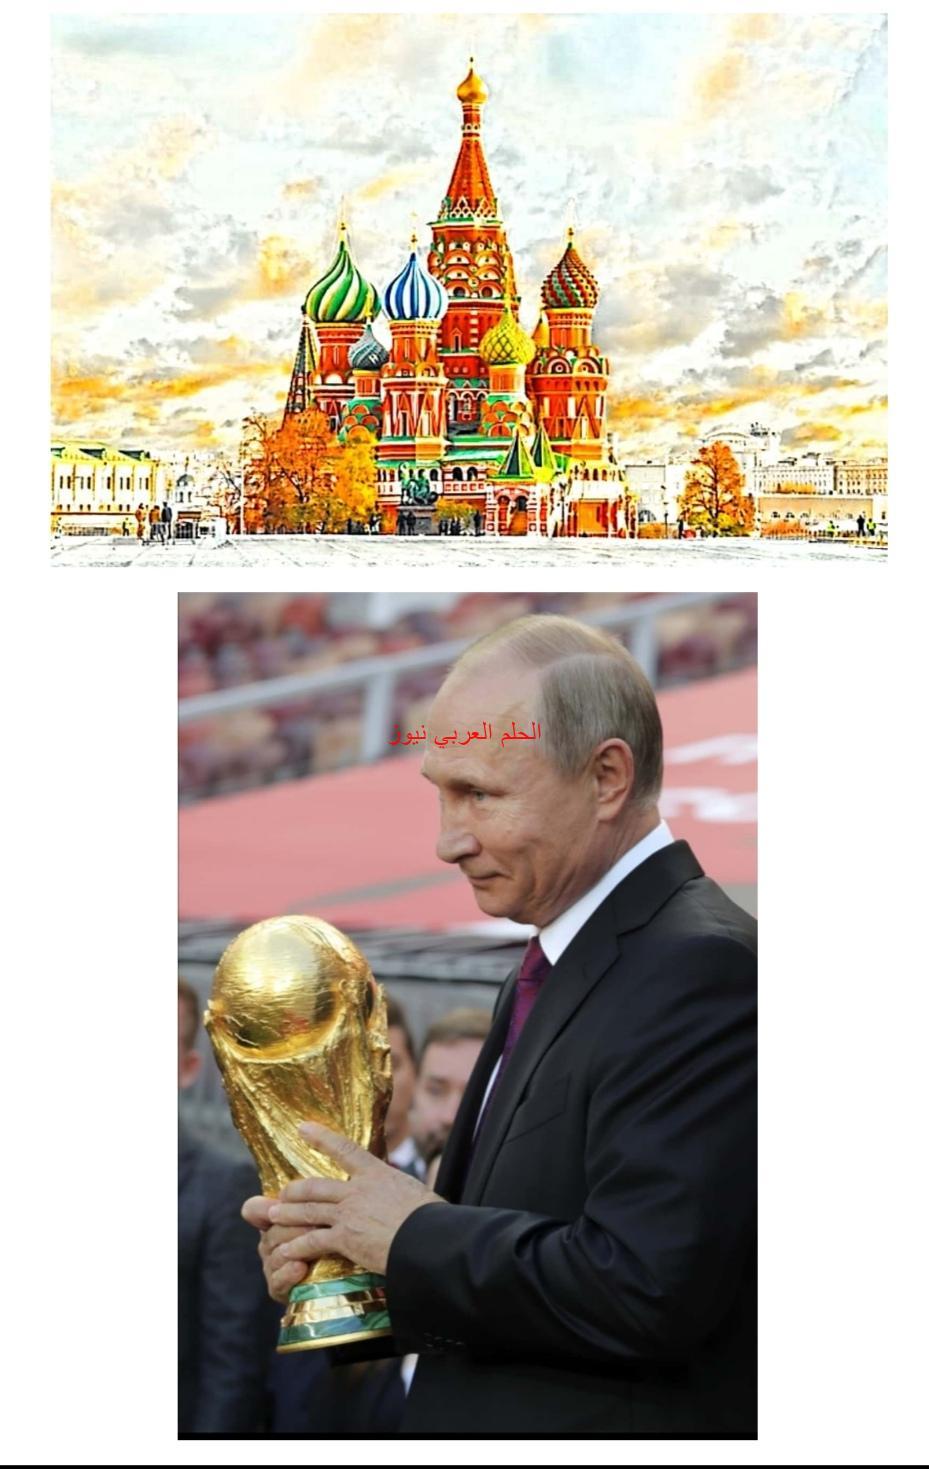 روسيا والحدث العالمي.